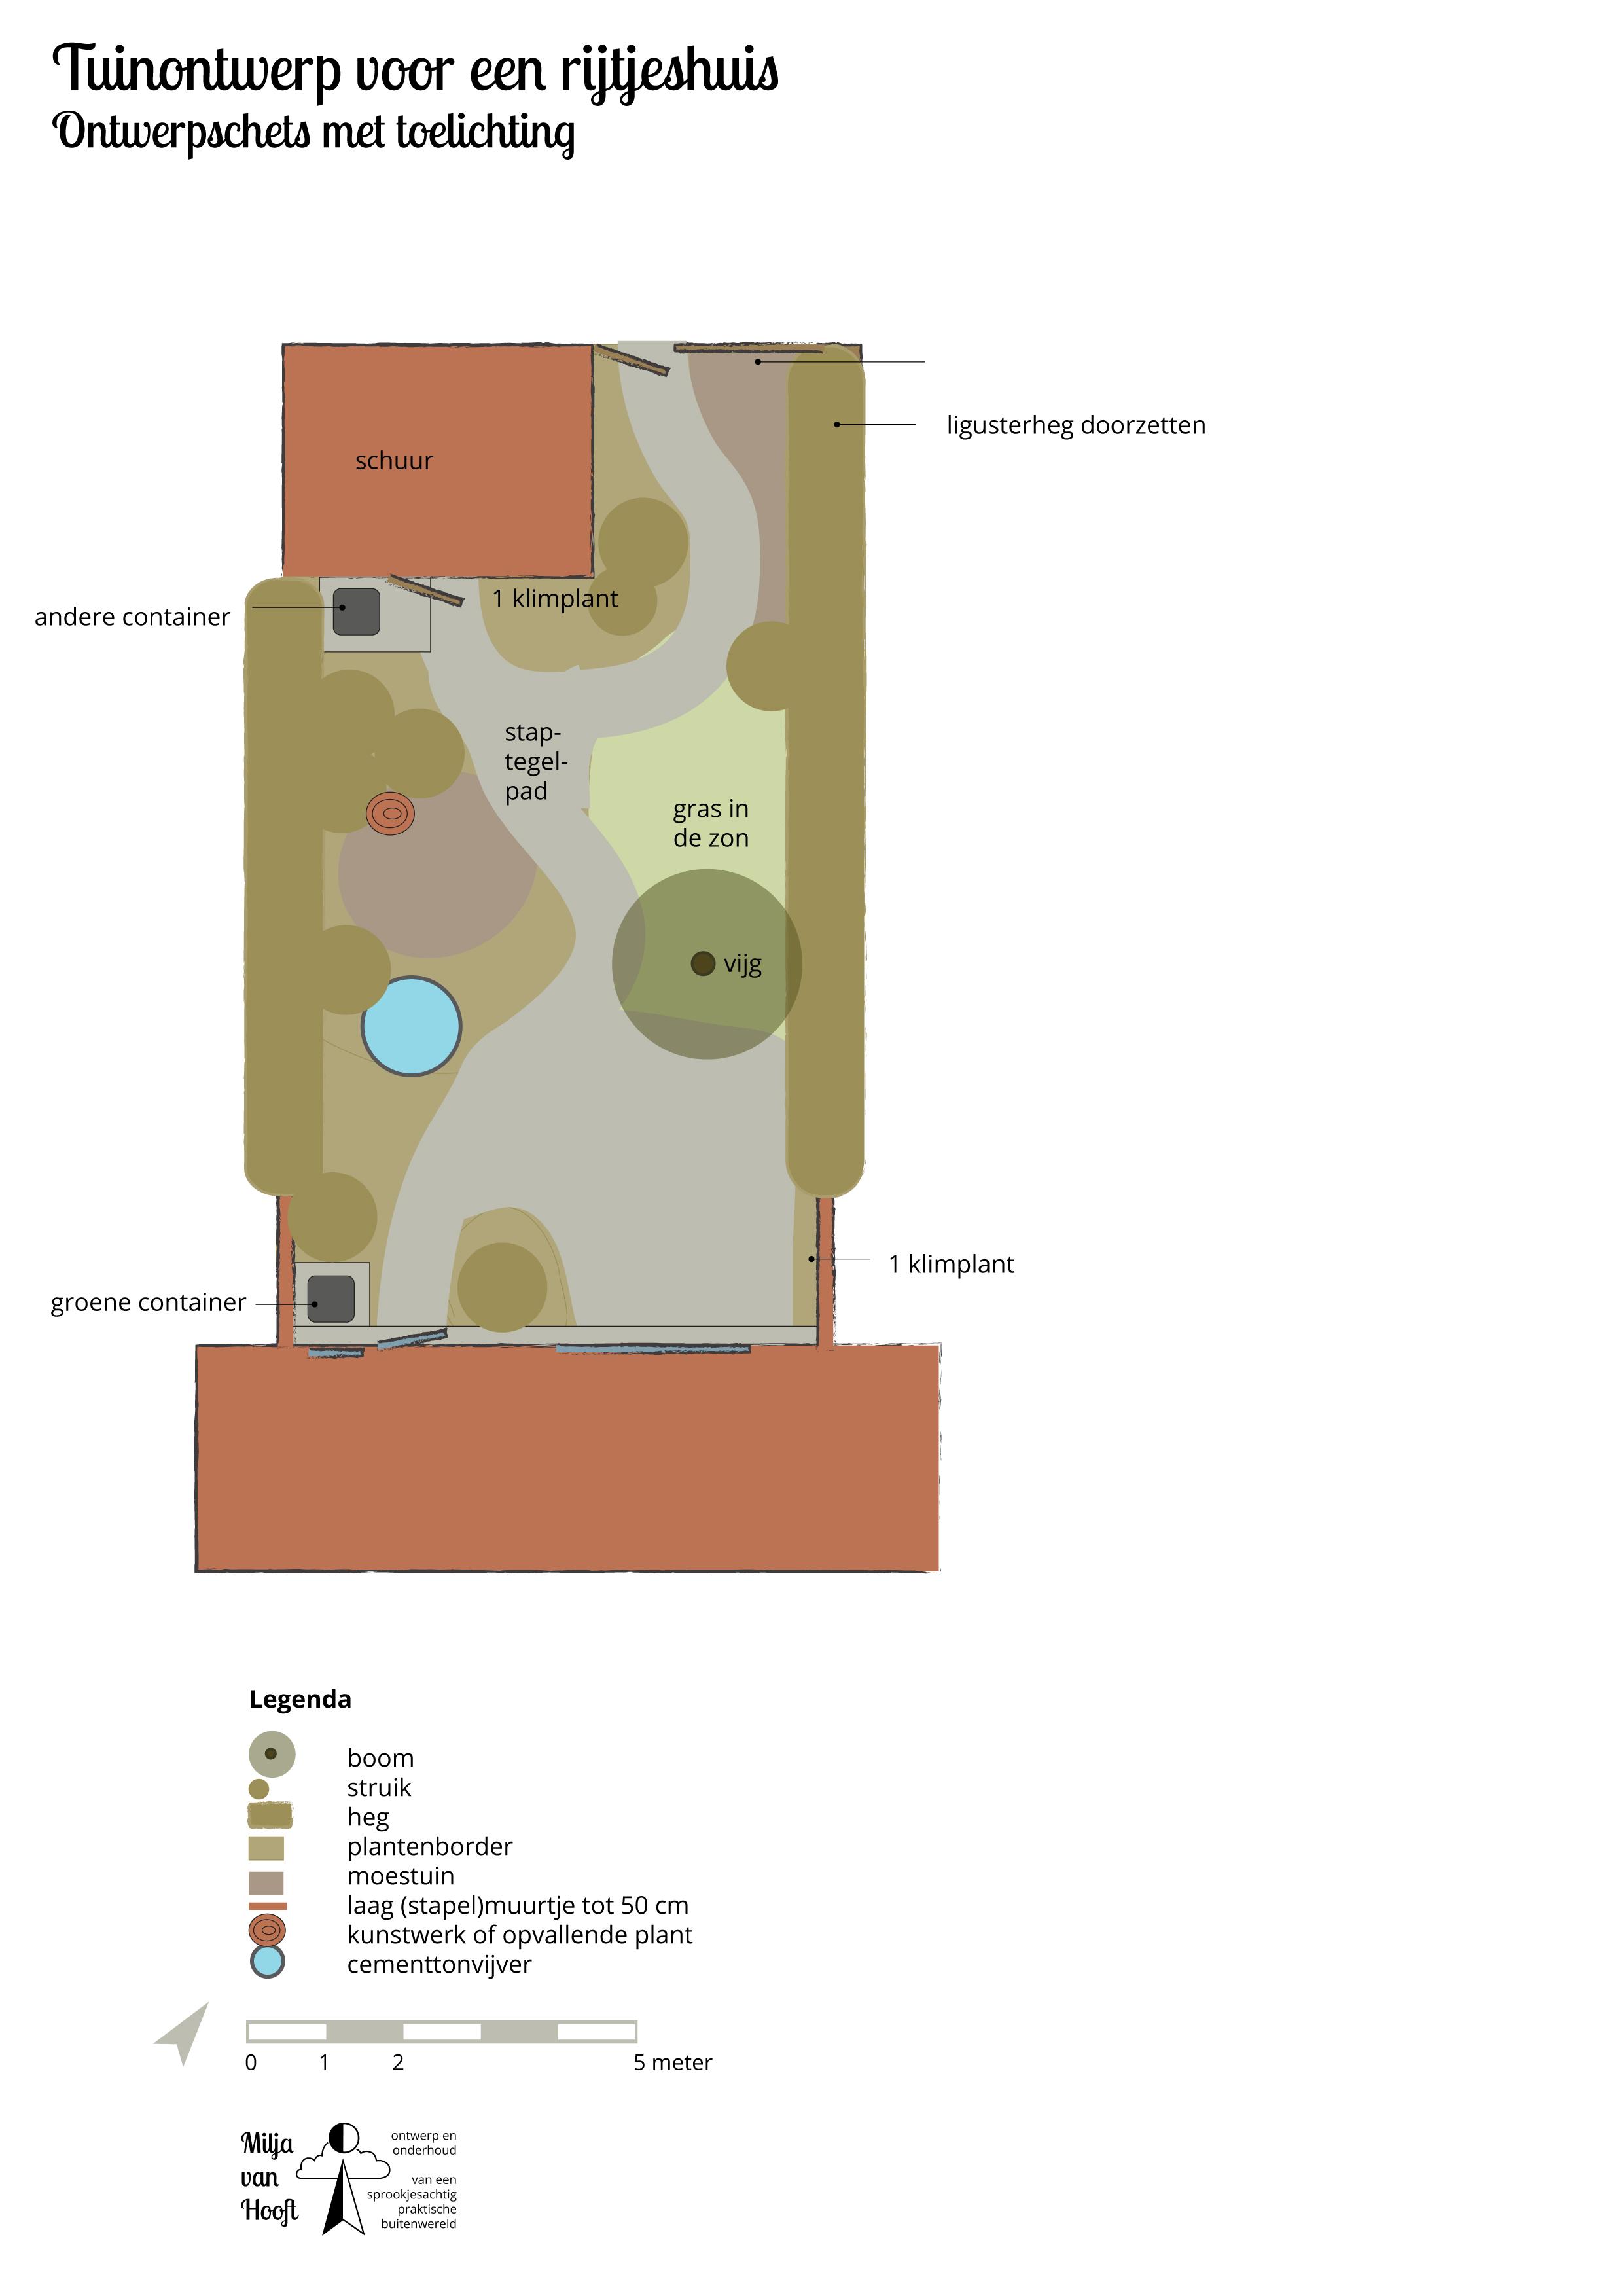 Tuin rijtjeshuis ontwerp - Milja van Hooft